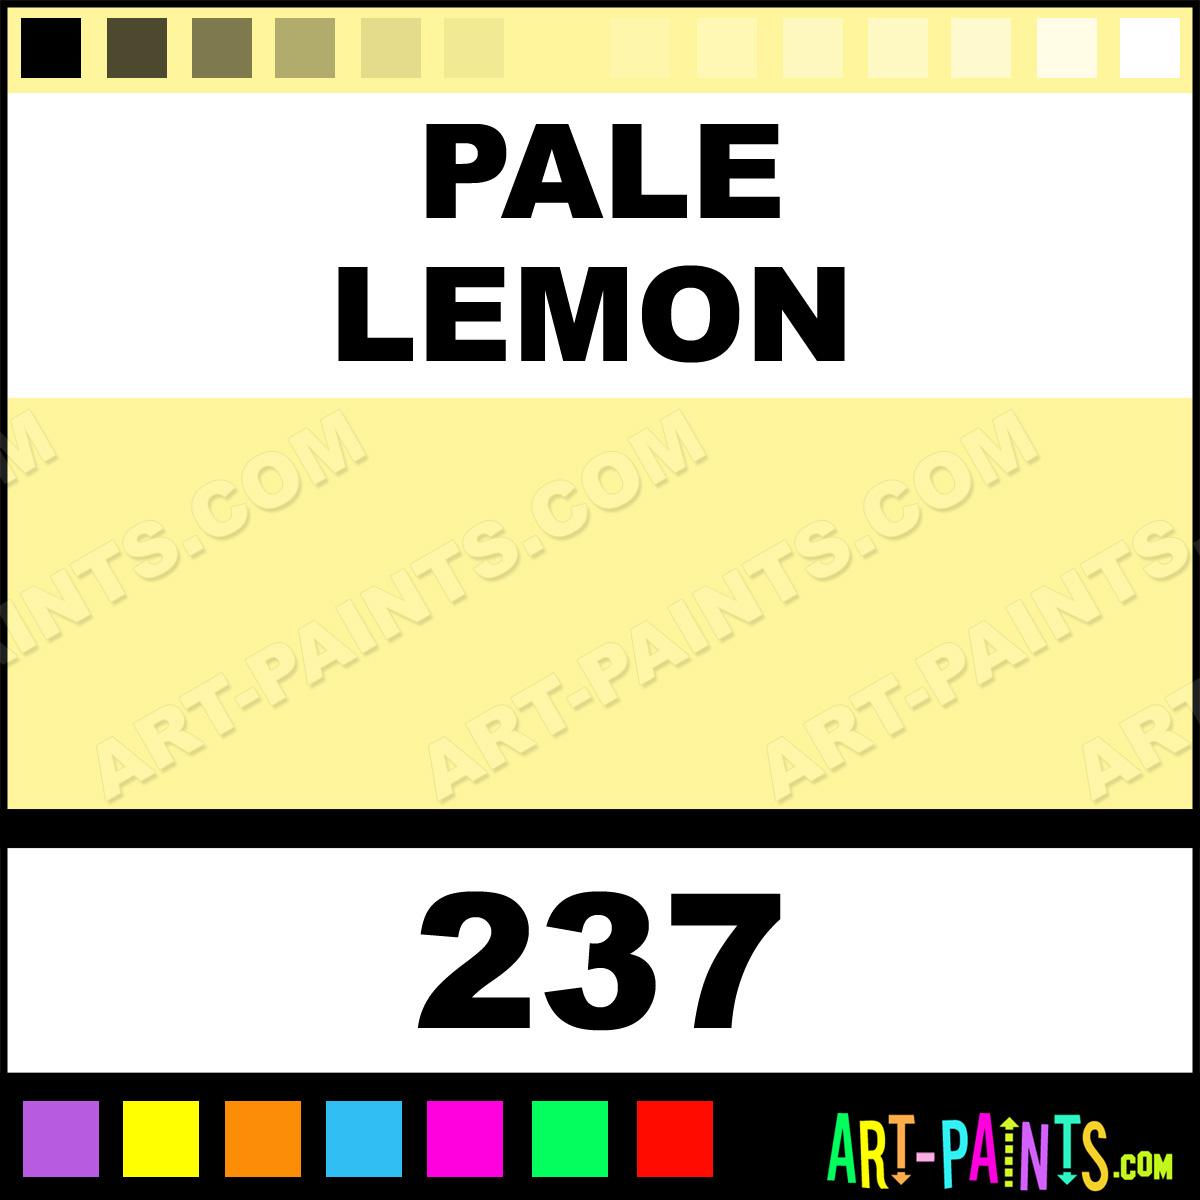 http://www.art-paints.com/Paints/Acrylic/Lefranc-and-Bourgeois/Louvre/Pale-Lemon/Pale-Lemon-lg.jpg